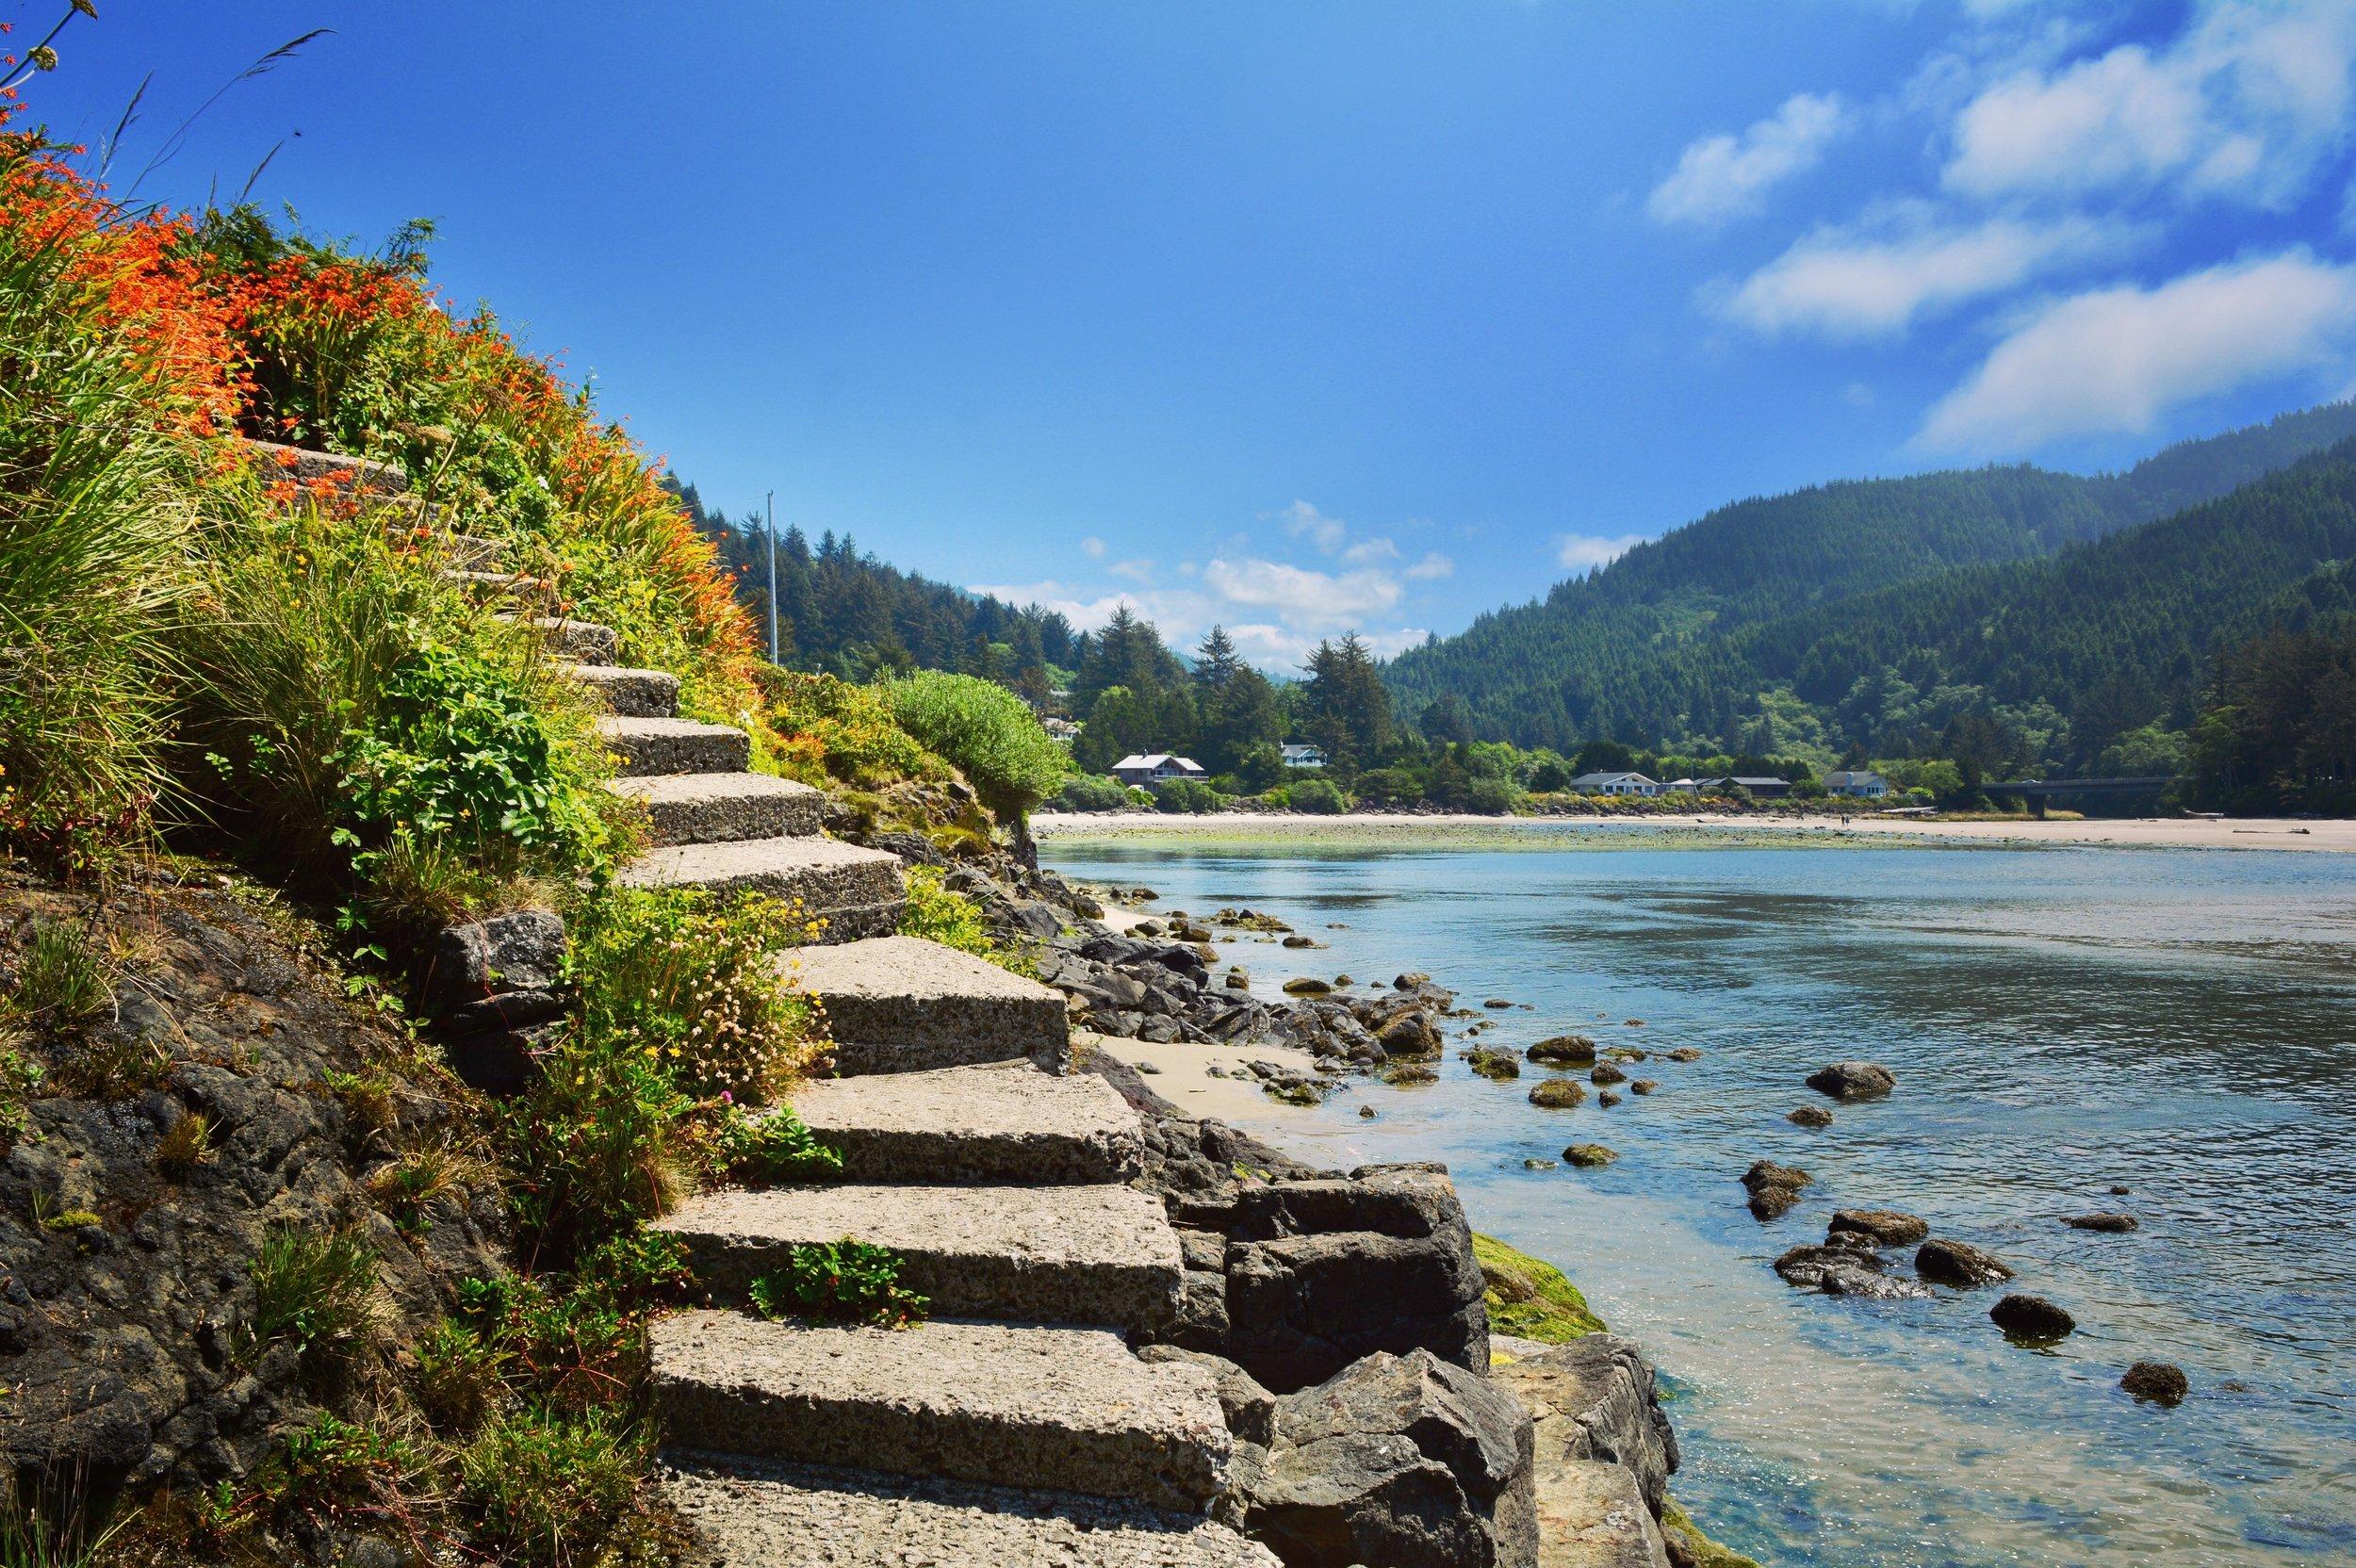 Oregon coast at Yachats